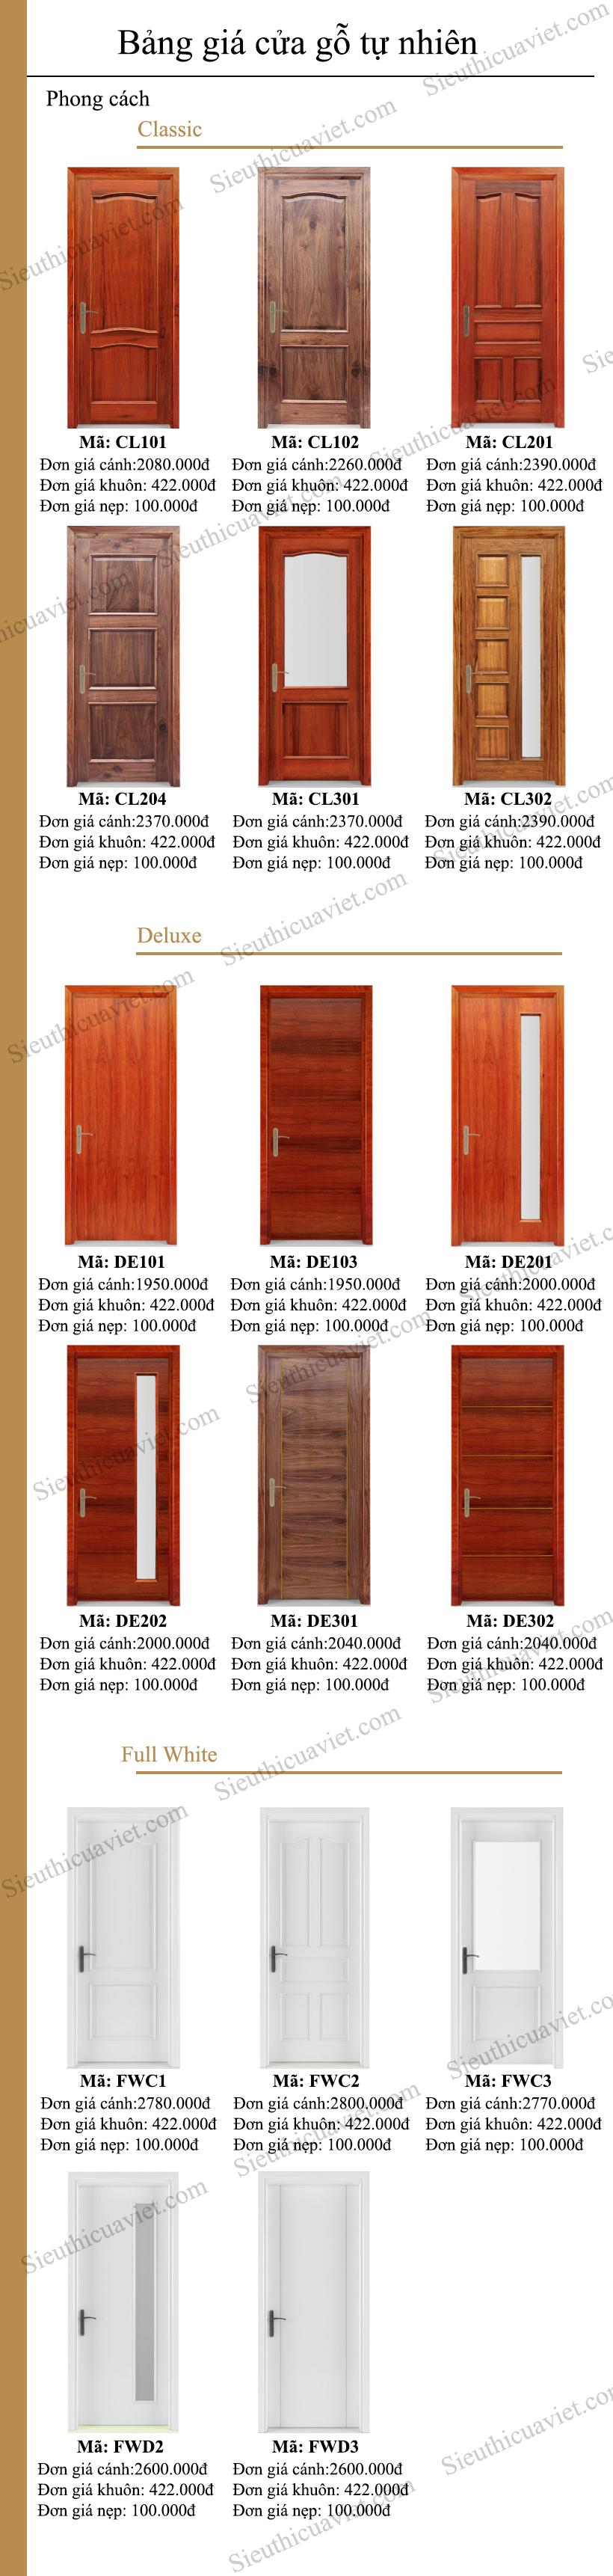 Bảng giá cửa gỗ tự nhiên uy tín